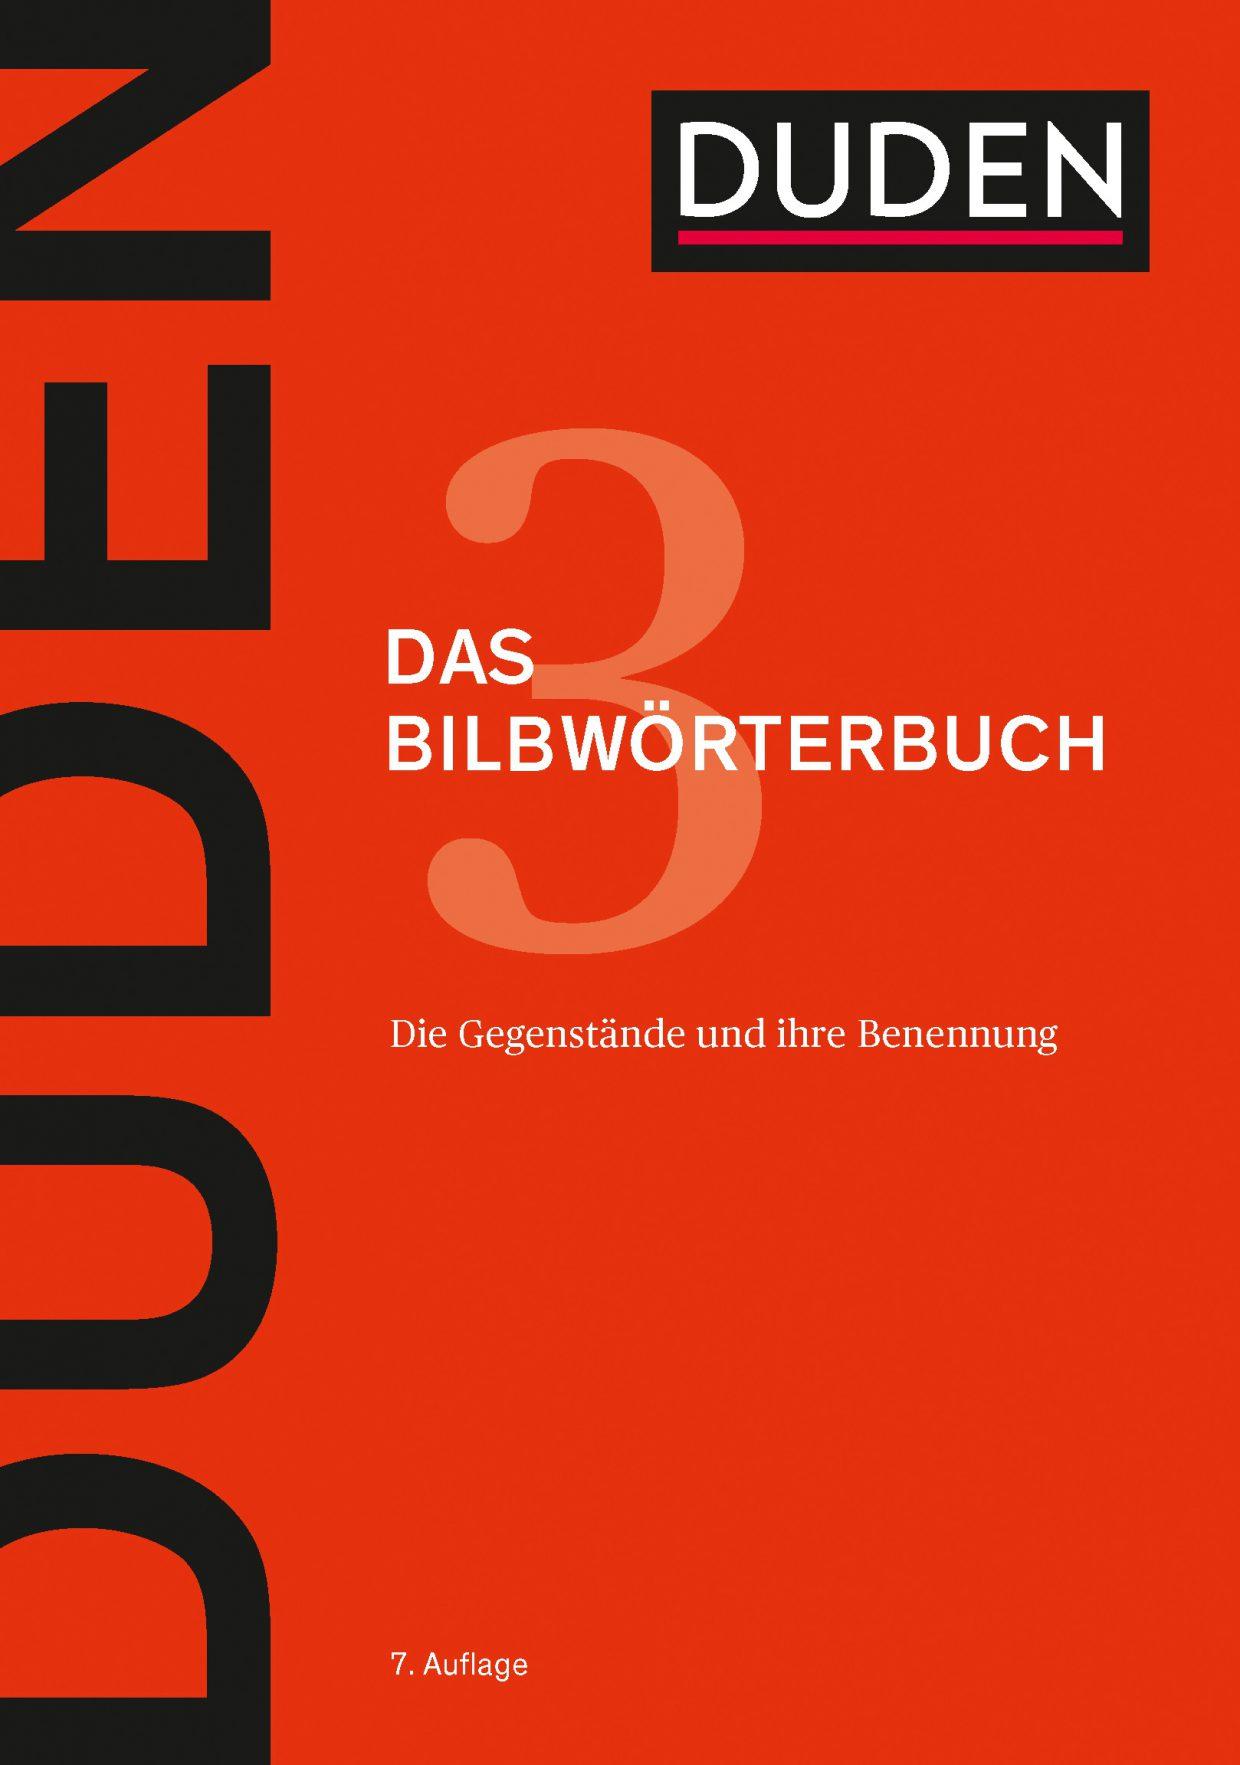 978-3-411-04037-7_D_Dt_Bildwoerterbuch_D3.indd